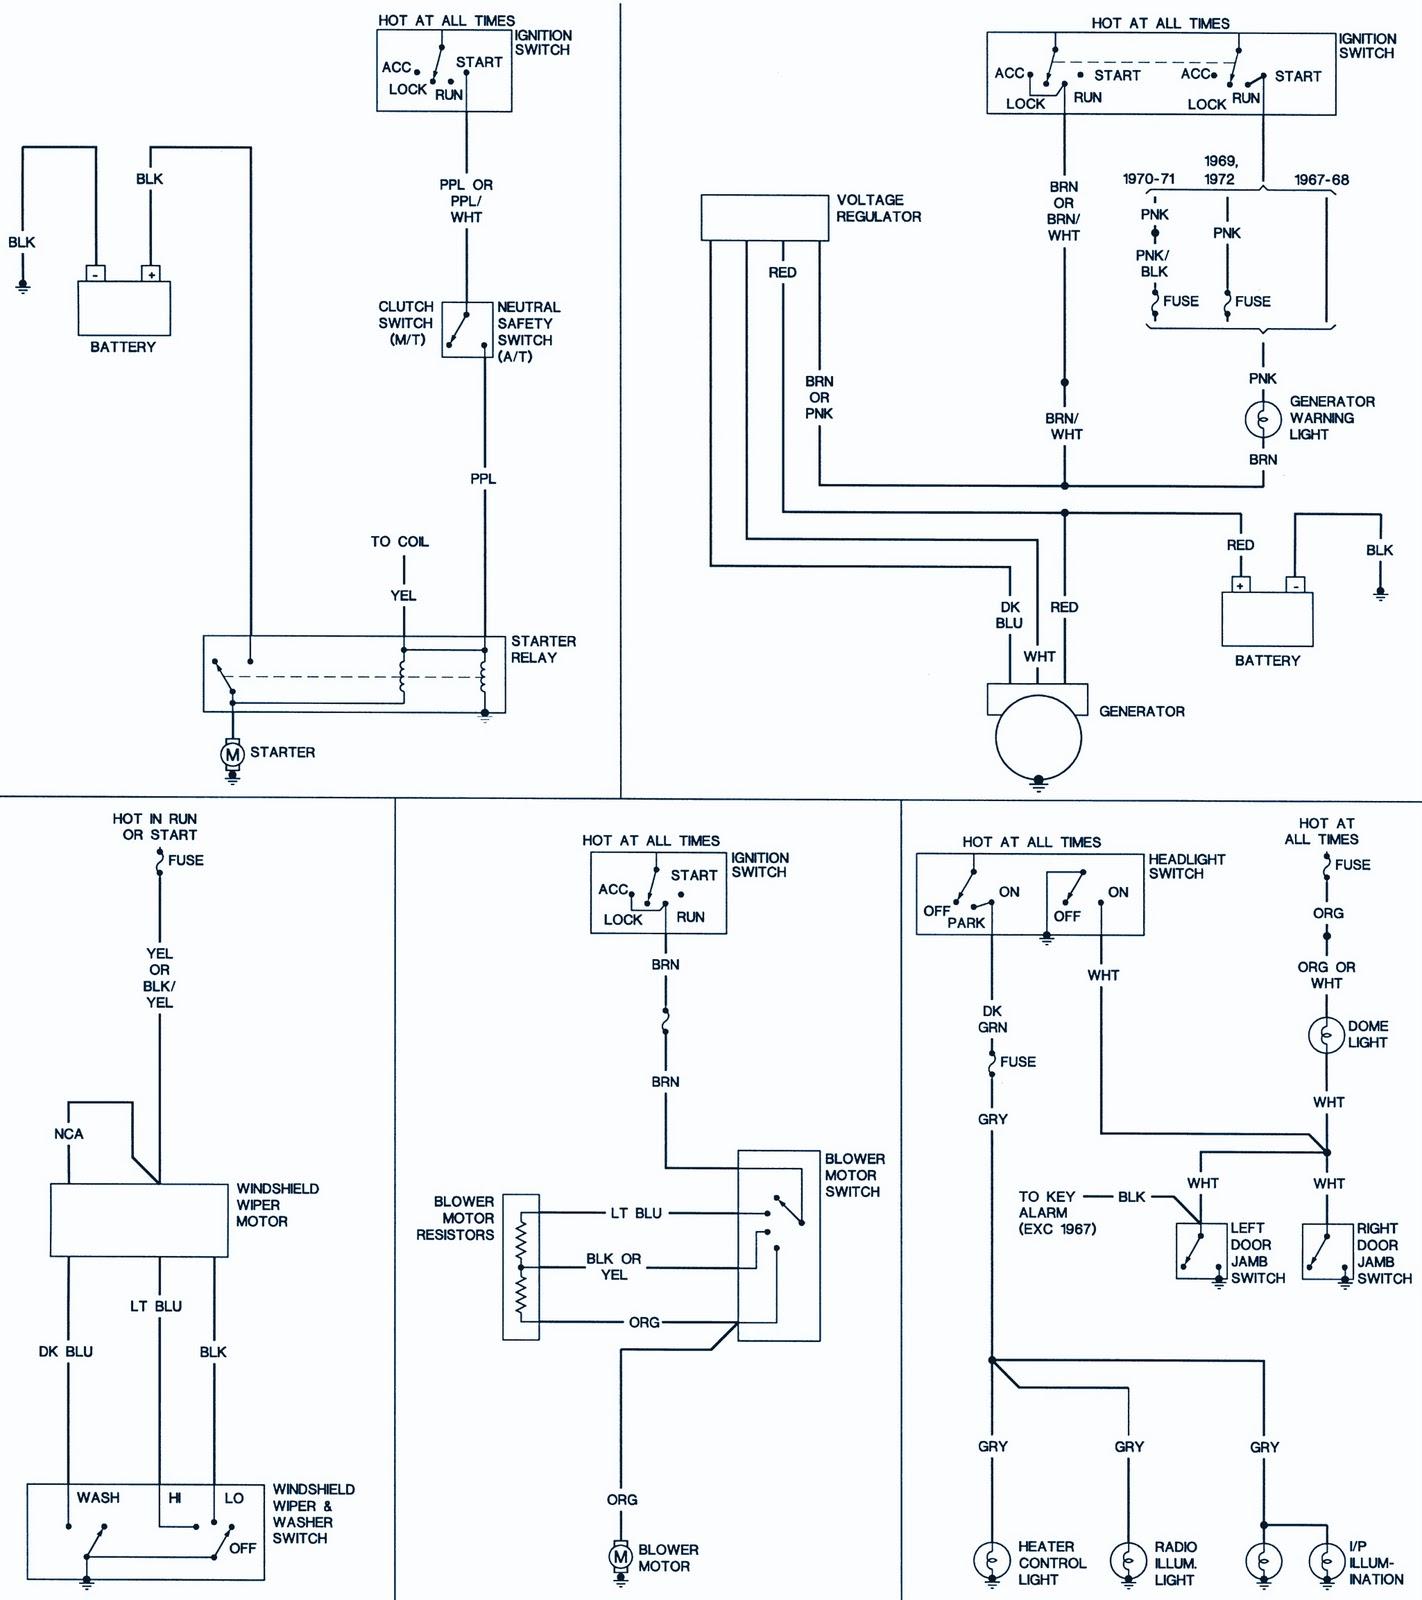 69 camaro wiring schematic